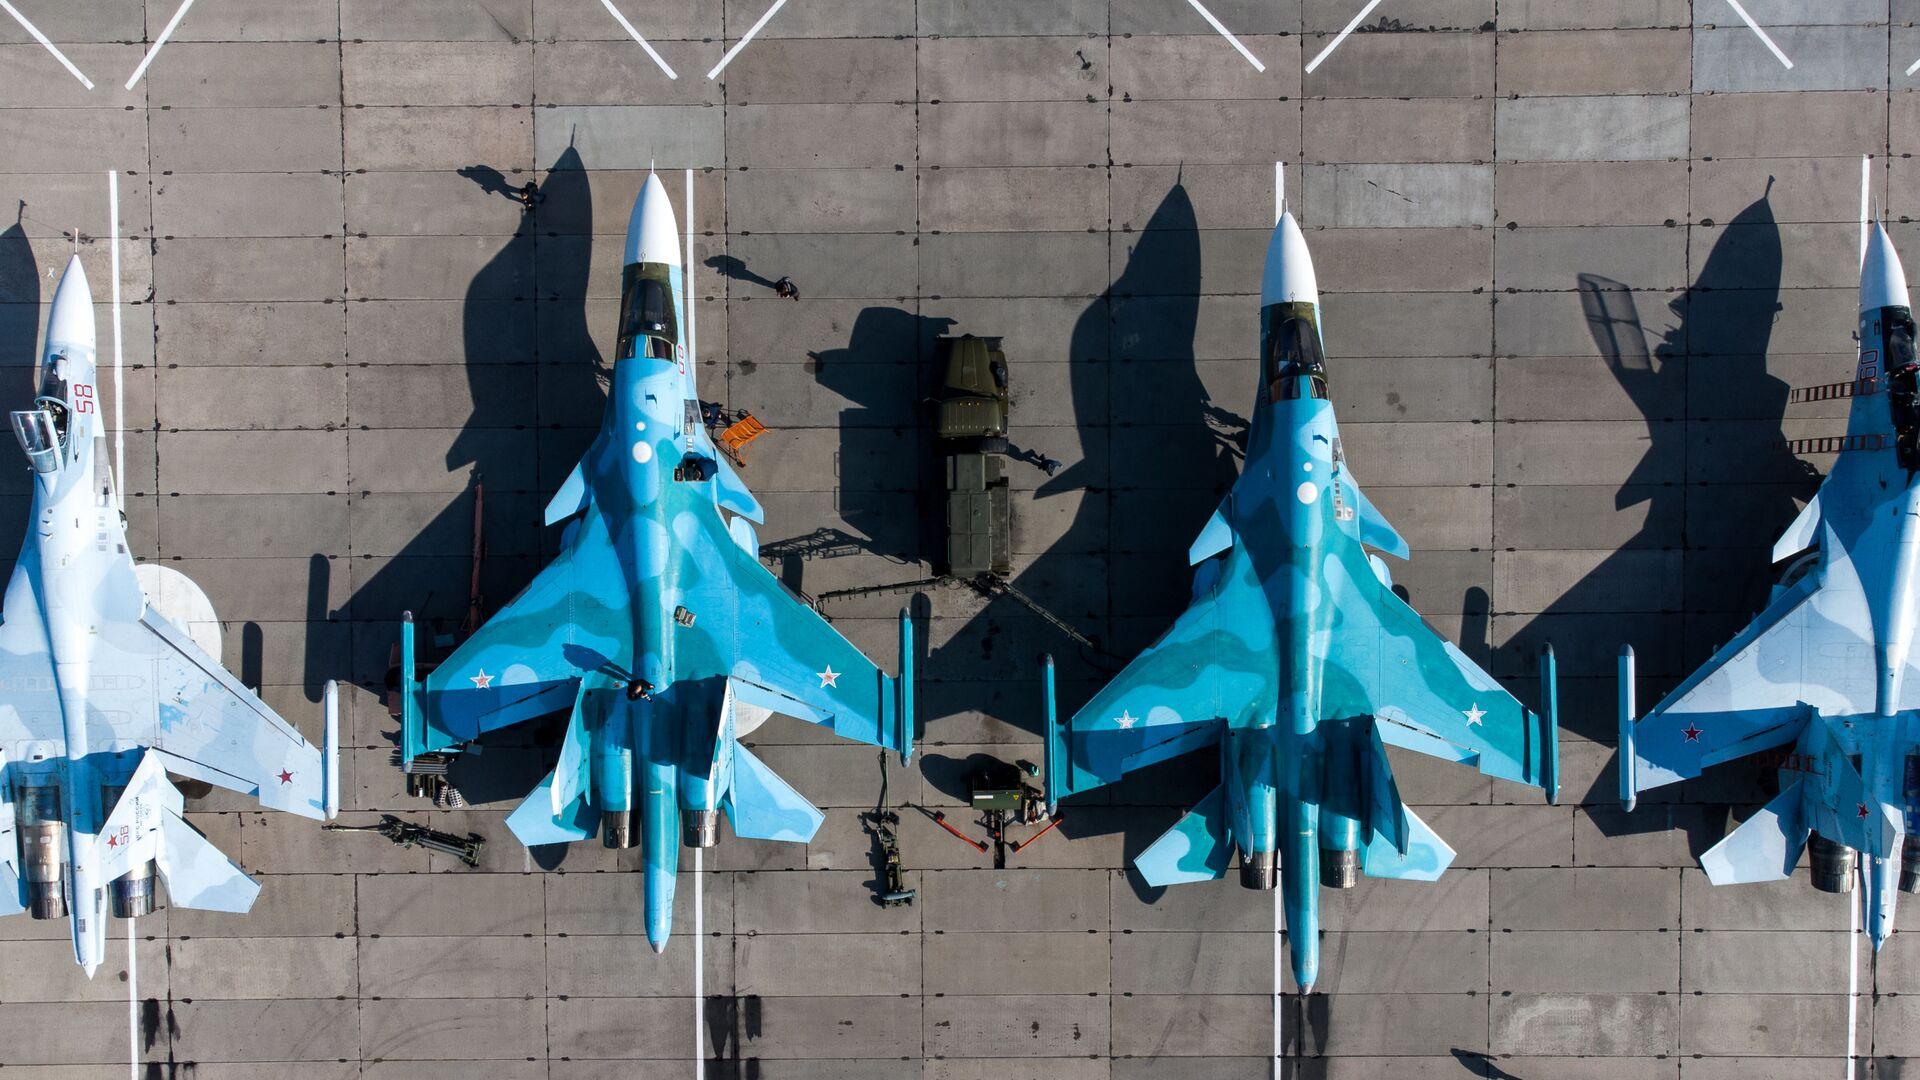 Фронтовые бомбардировщики Су-24, многоцелевые истребители Су-30СМ и истребители-бомбардировщики Су-34 на конкурсе Авиадартс-2021 - Sputnik Česká republika, 1920, 13.07.2021